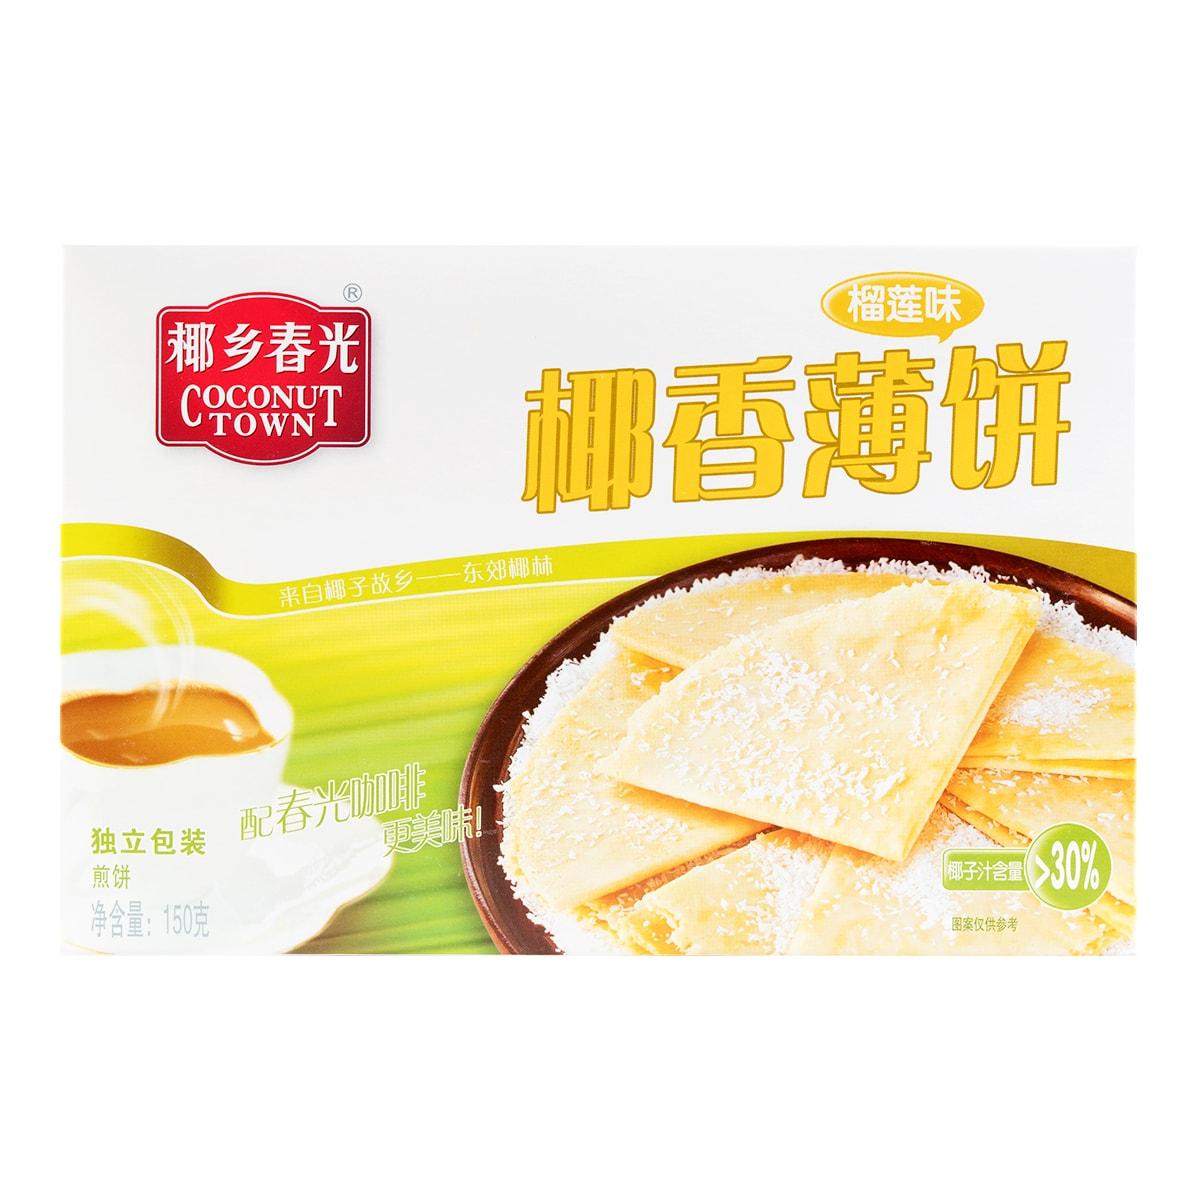 椰乡春光 椰香薄饼 榴莲味150g